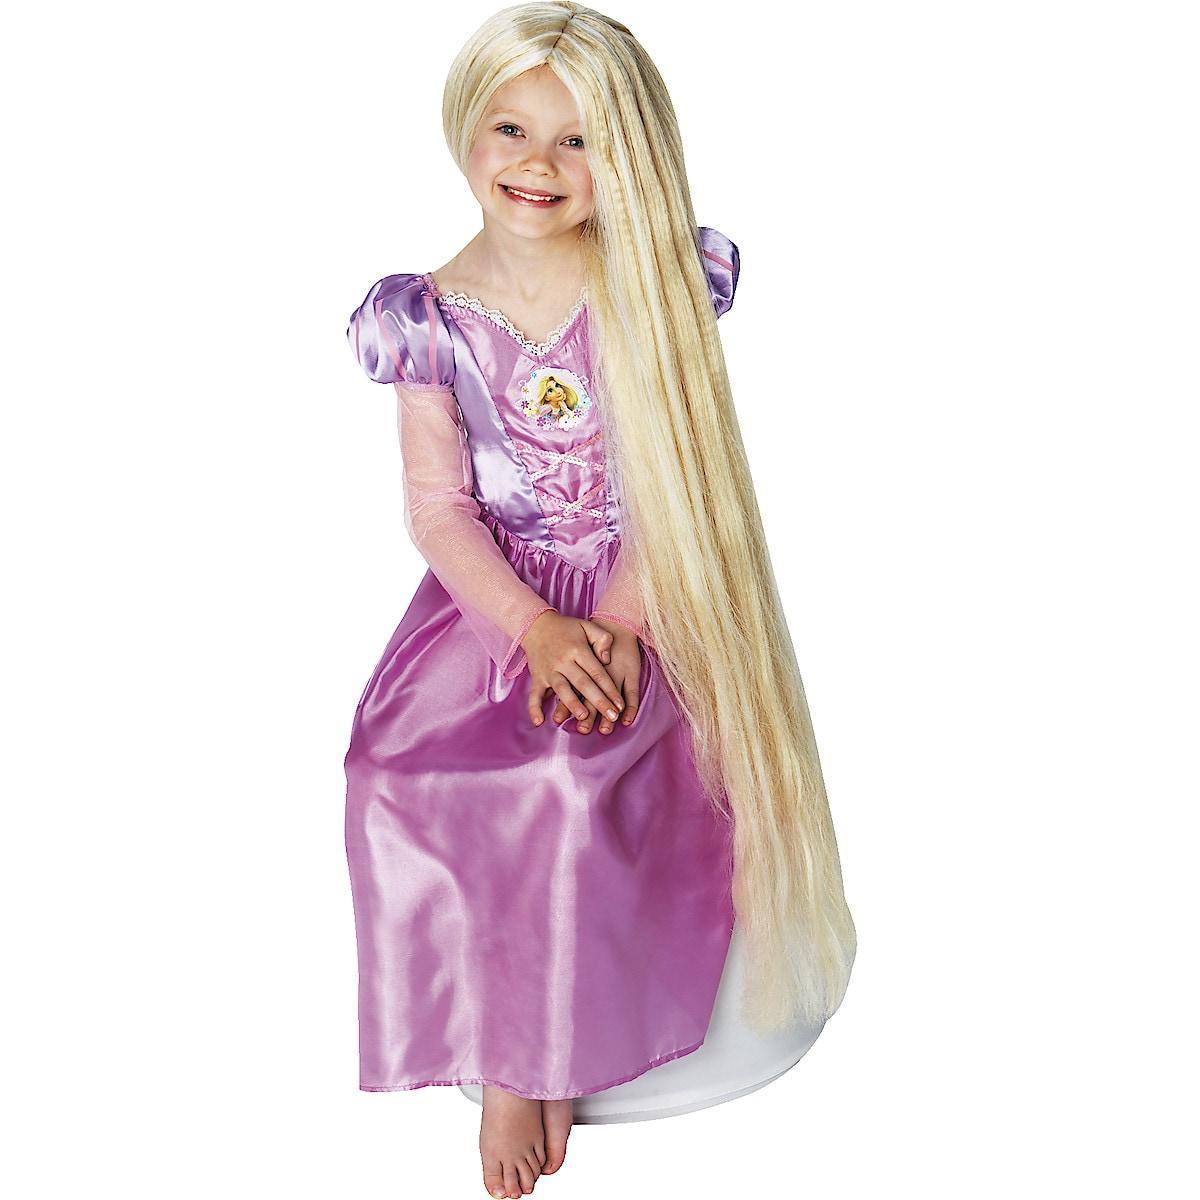 Rapunzel Dressing up Wig